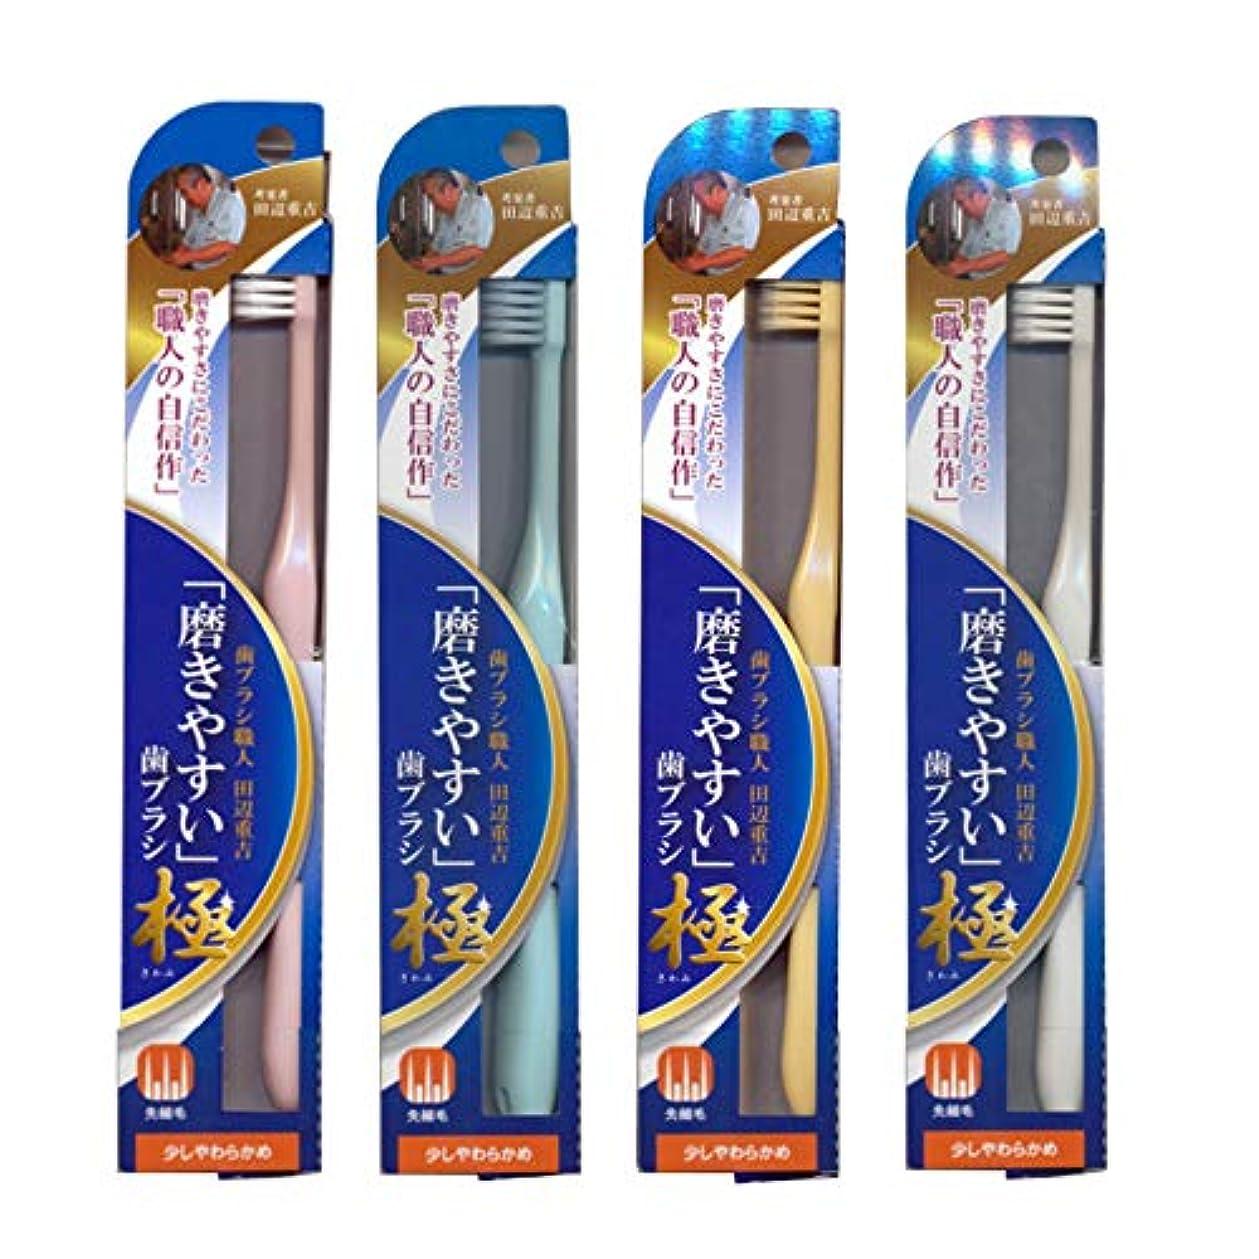 重要なつま先フェリー磨きやすい歯ブラシ極 (少し柔らかめ) LT-43×4本セット(ピンク×1、ブルー×1、ホワイト×1、イエロー×1) 先細毛